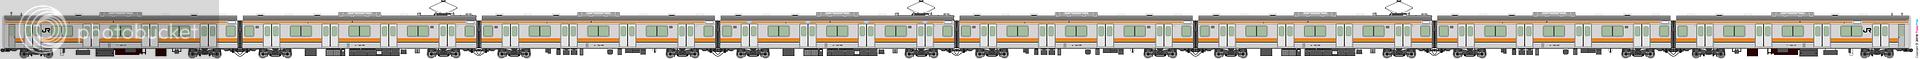 鐵路列車 1986